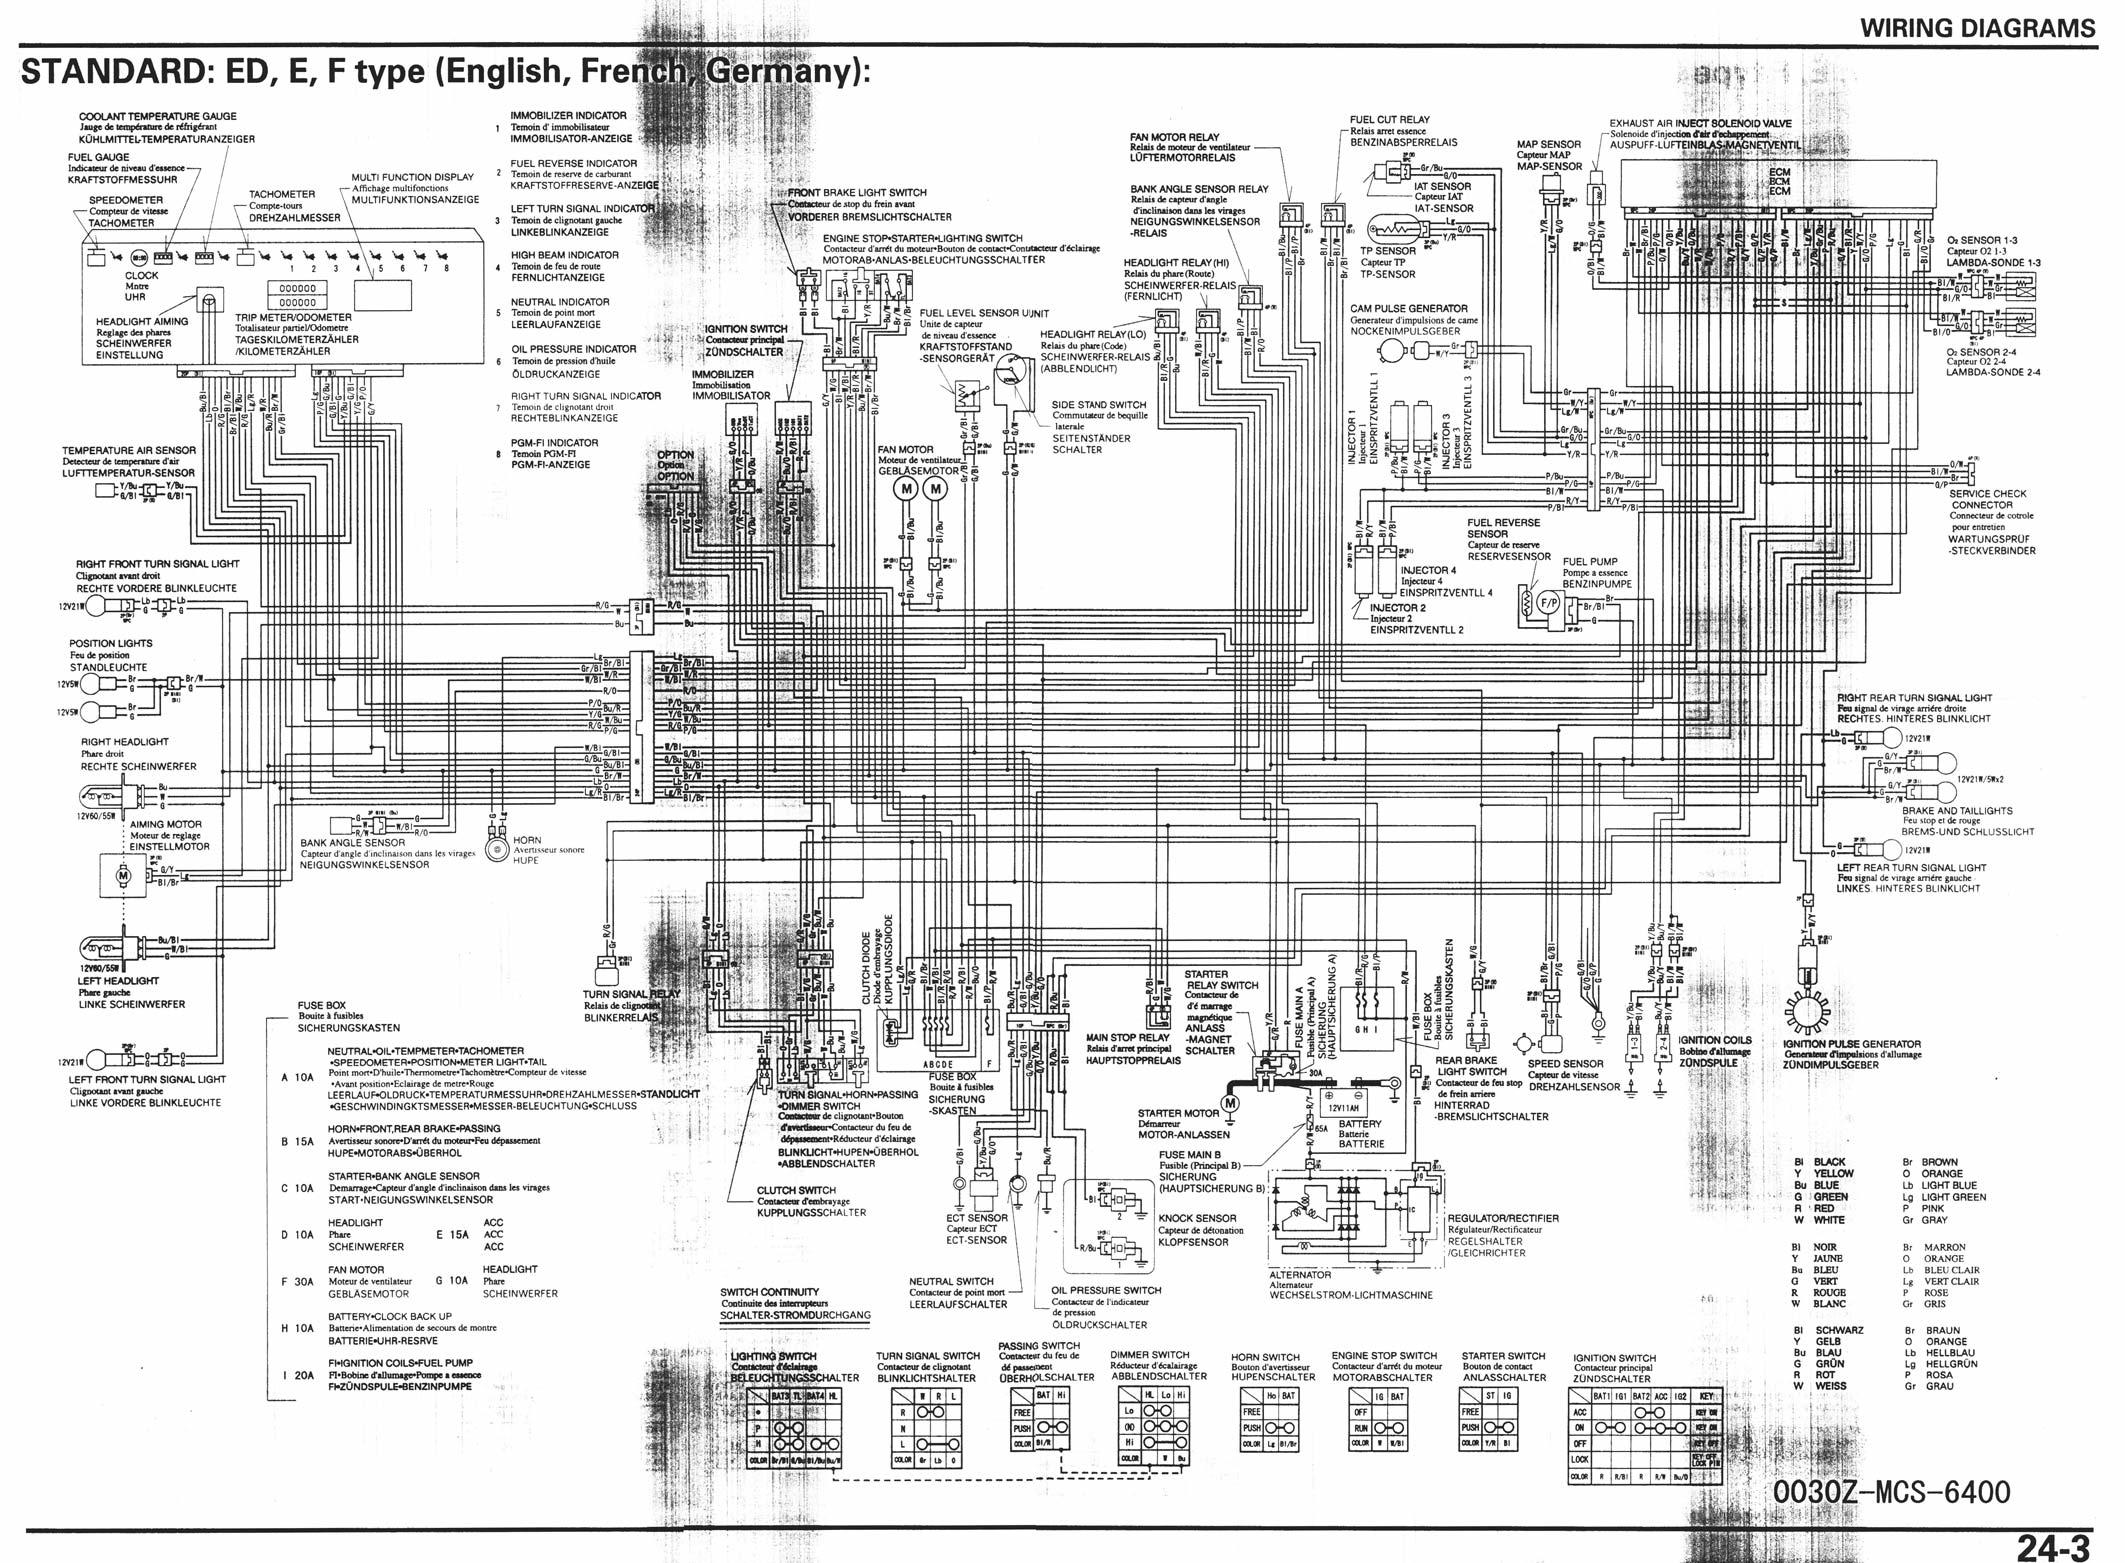 2010 bmw r1200rt wiring diagram wiring diagram blog data 2018 BMW RR 2010 bmw r1200rt wiring diagram wiring diagrams 2011 bmw r1200rt 2010 bmw r1200rt wiring diagram